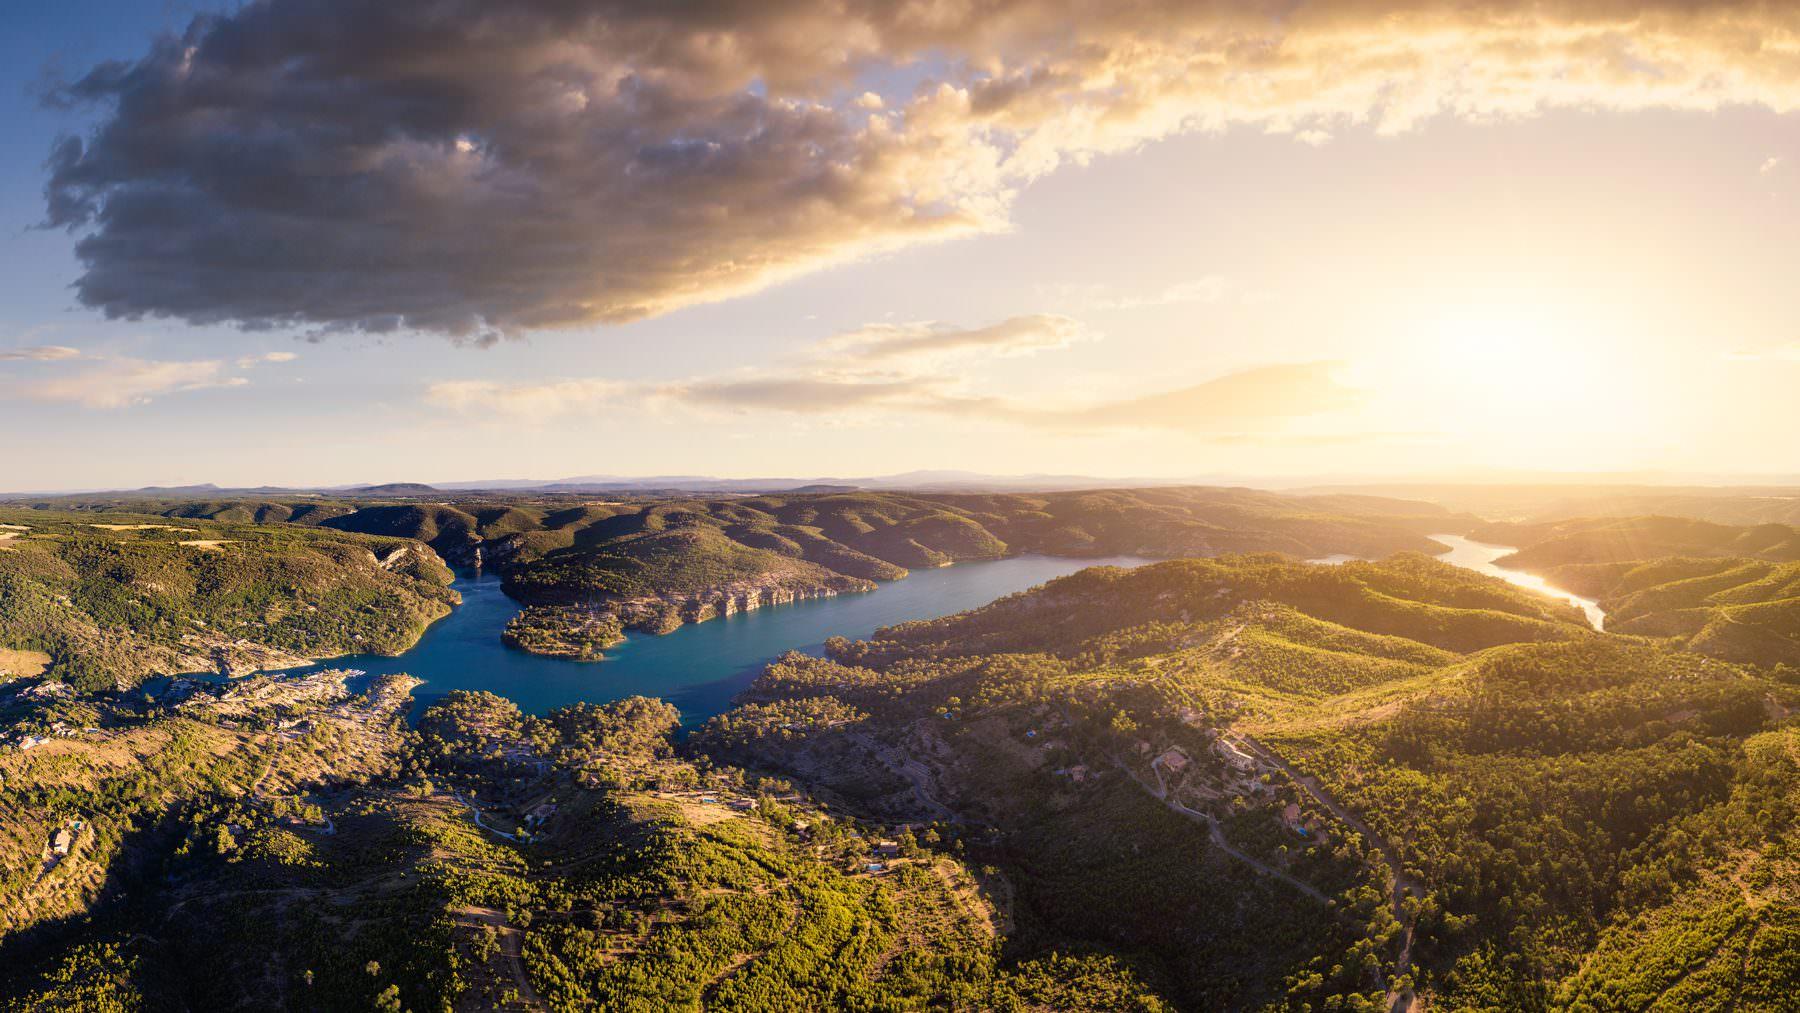 Luftaufnahme mit Drohne - Frankreich Provence Lac Esparron de Verdon